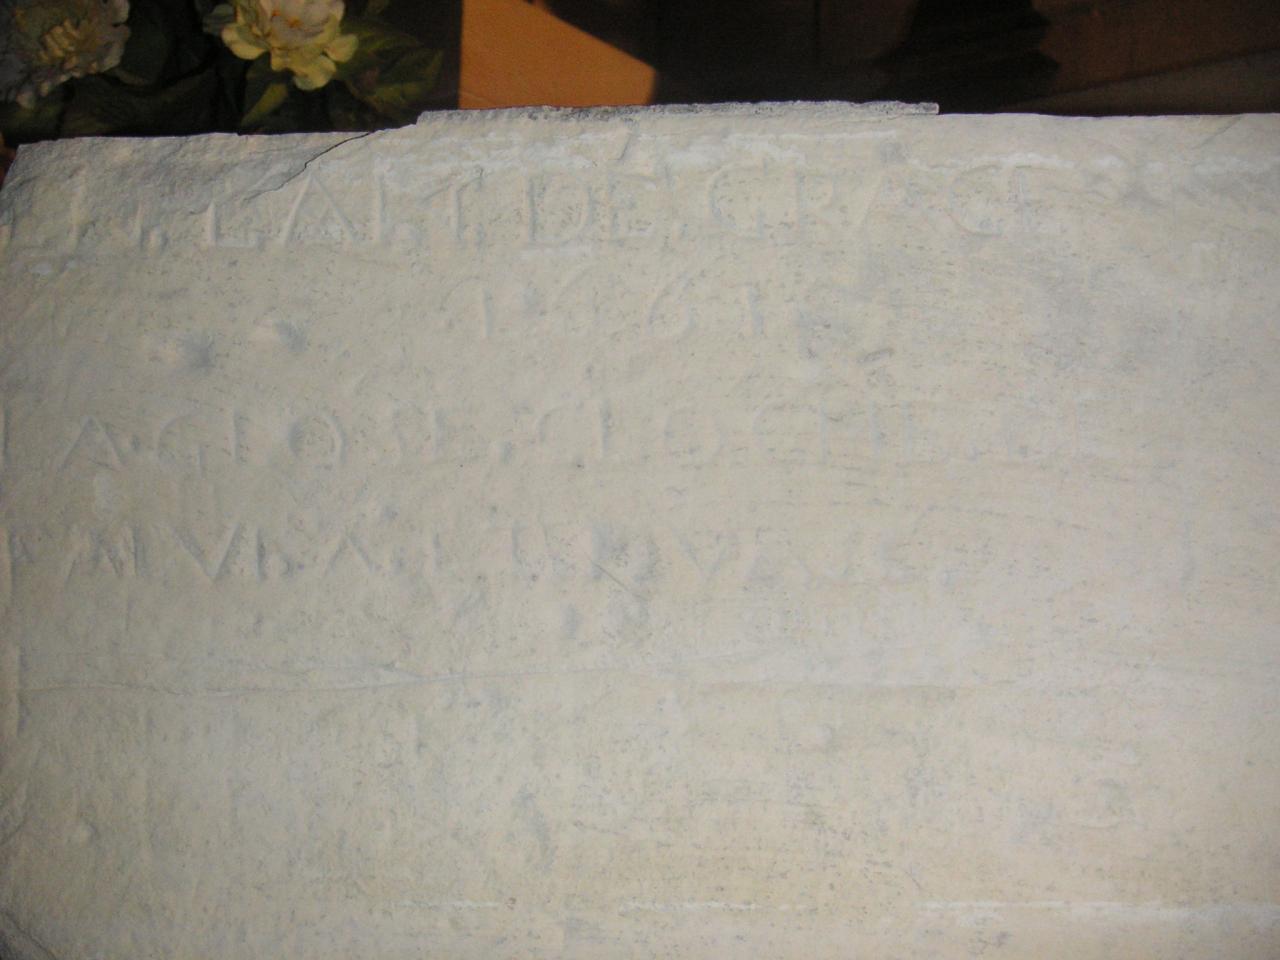 Comment appelle-t-on cette inscription du XVIIème siècle gravée sur cette pierre ?